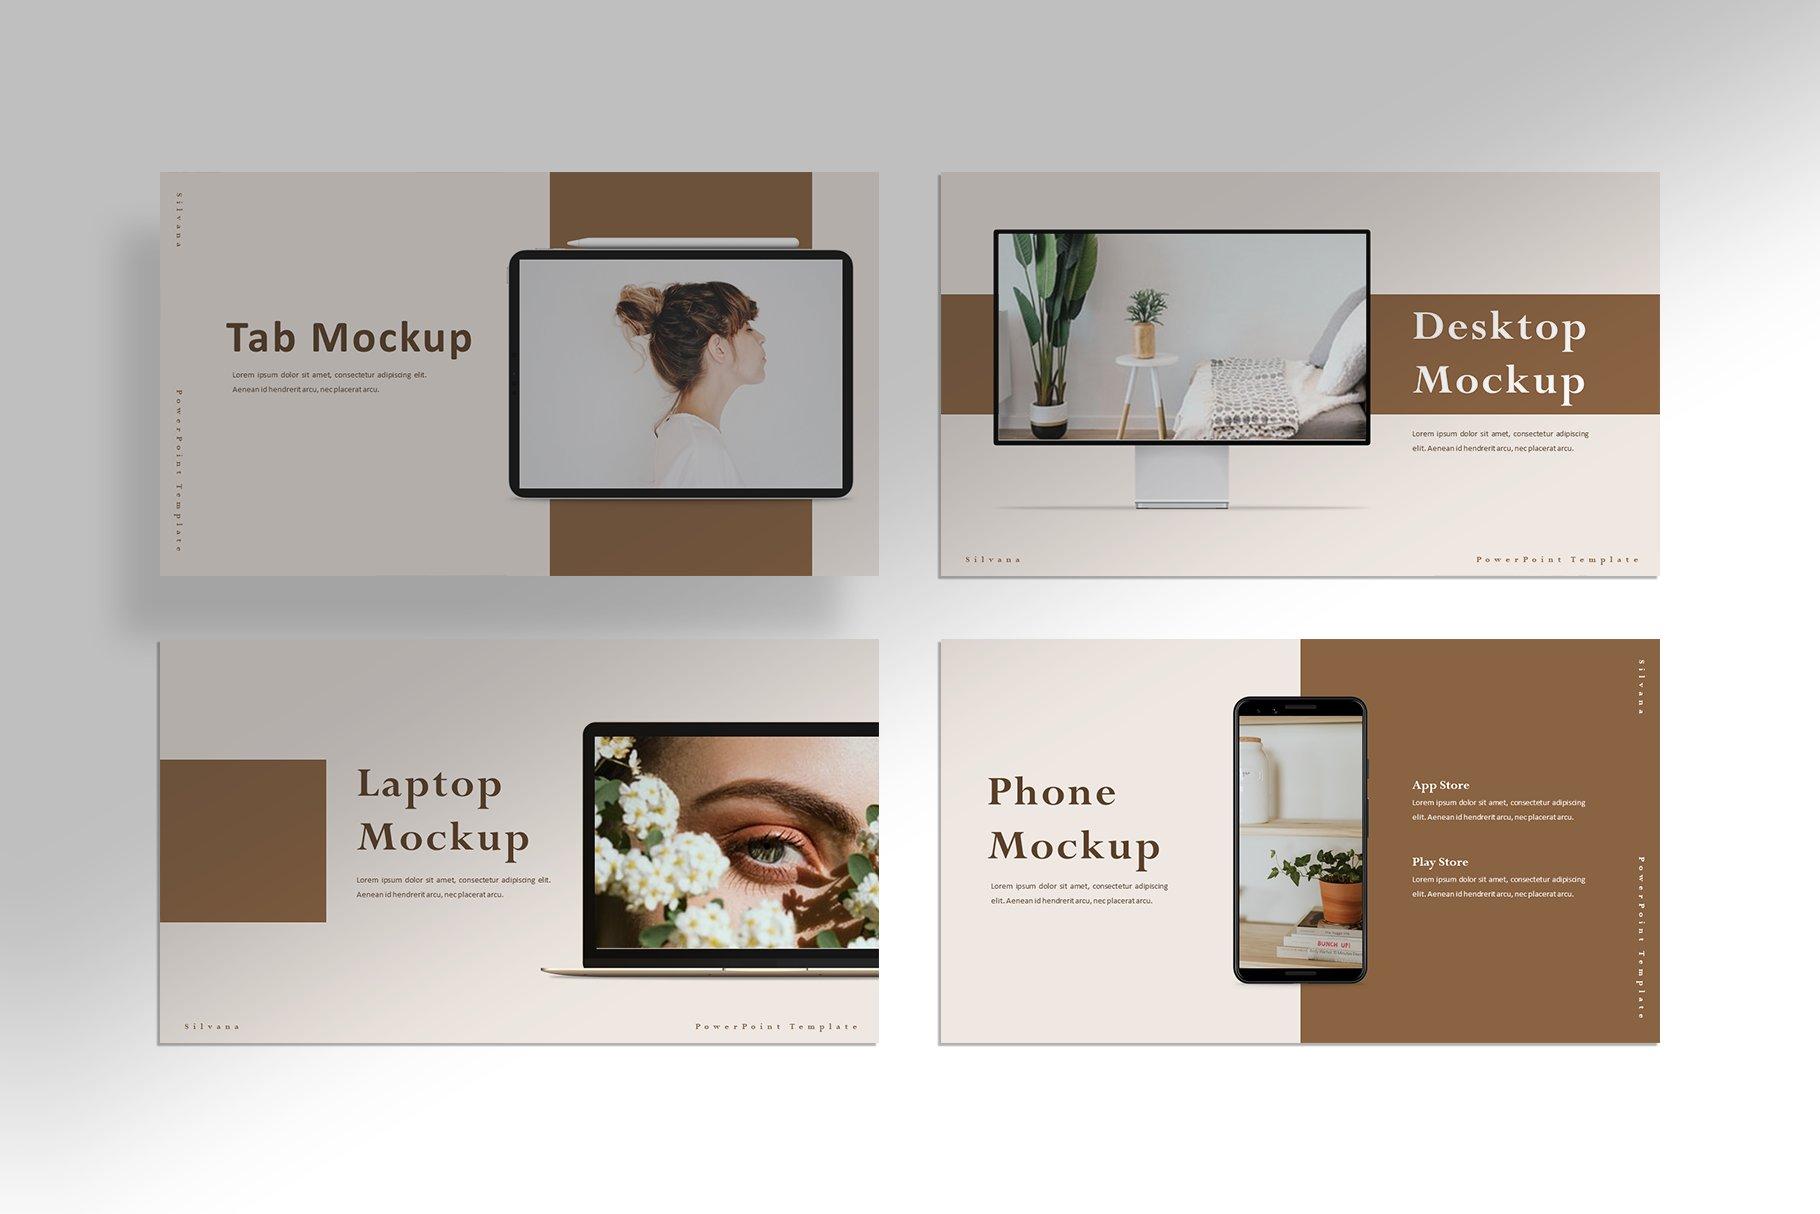 极简女性服装摄影作品集图文排版PPT幻灯片设计模板 Silvana – Presentation Template插图(5)